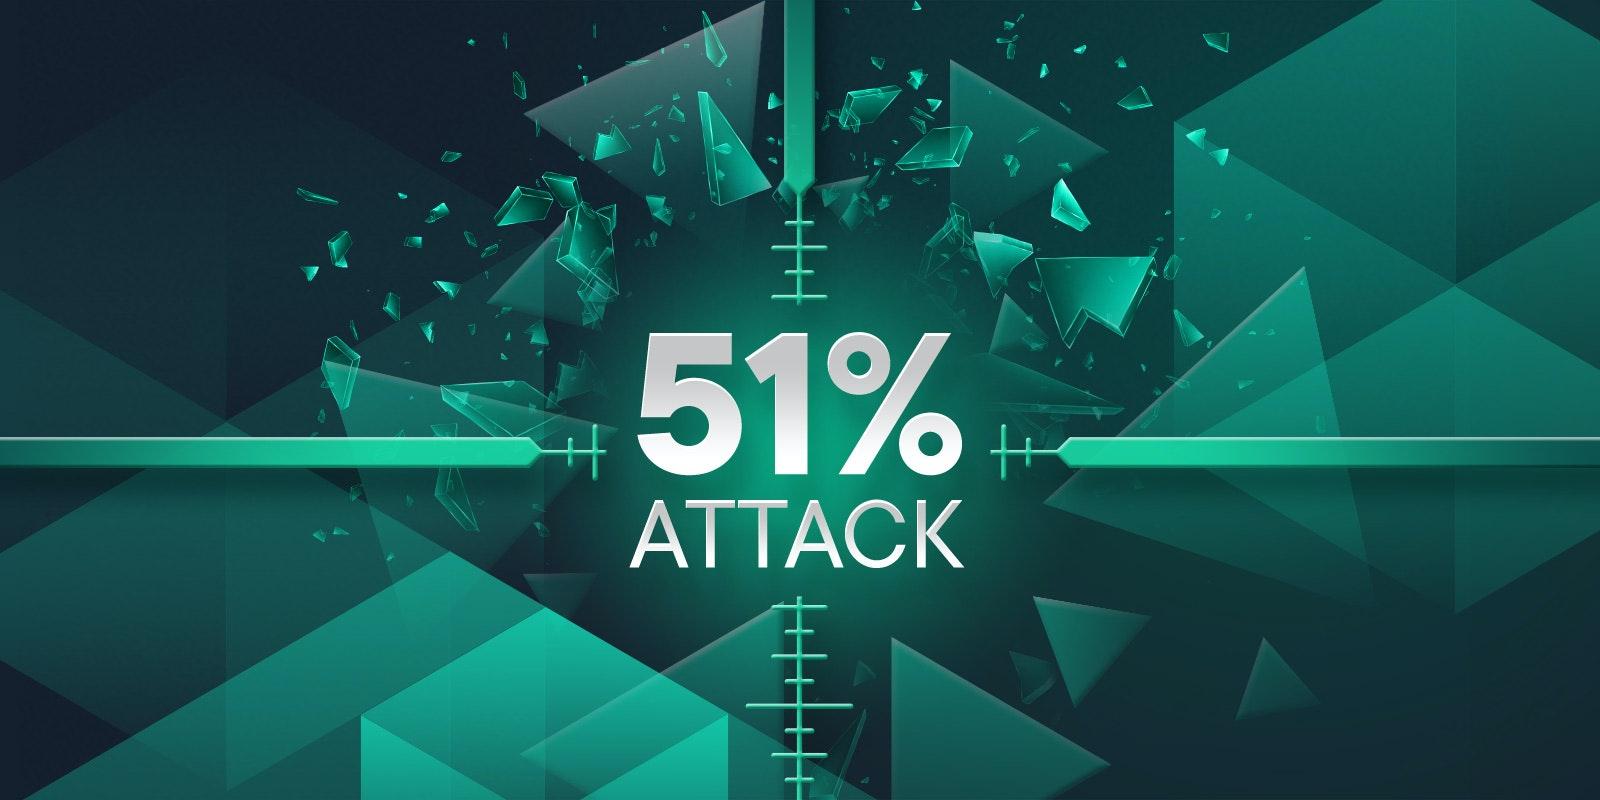 حمله 51٪